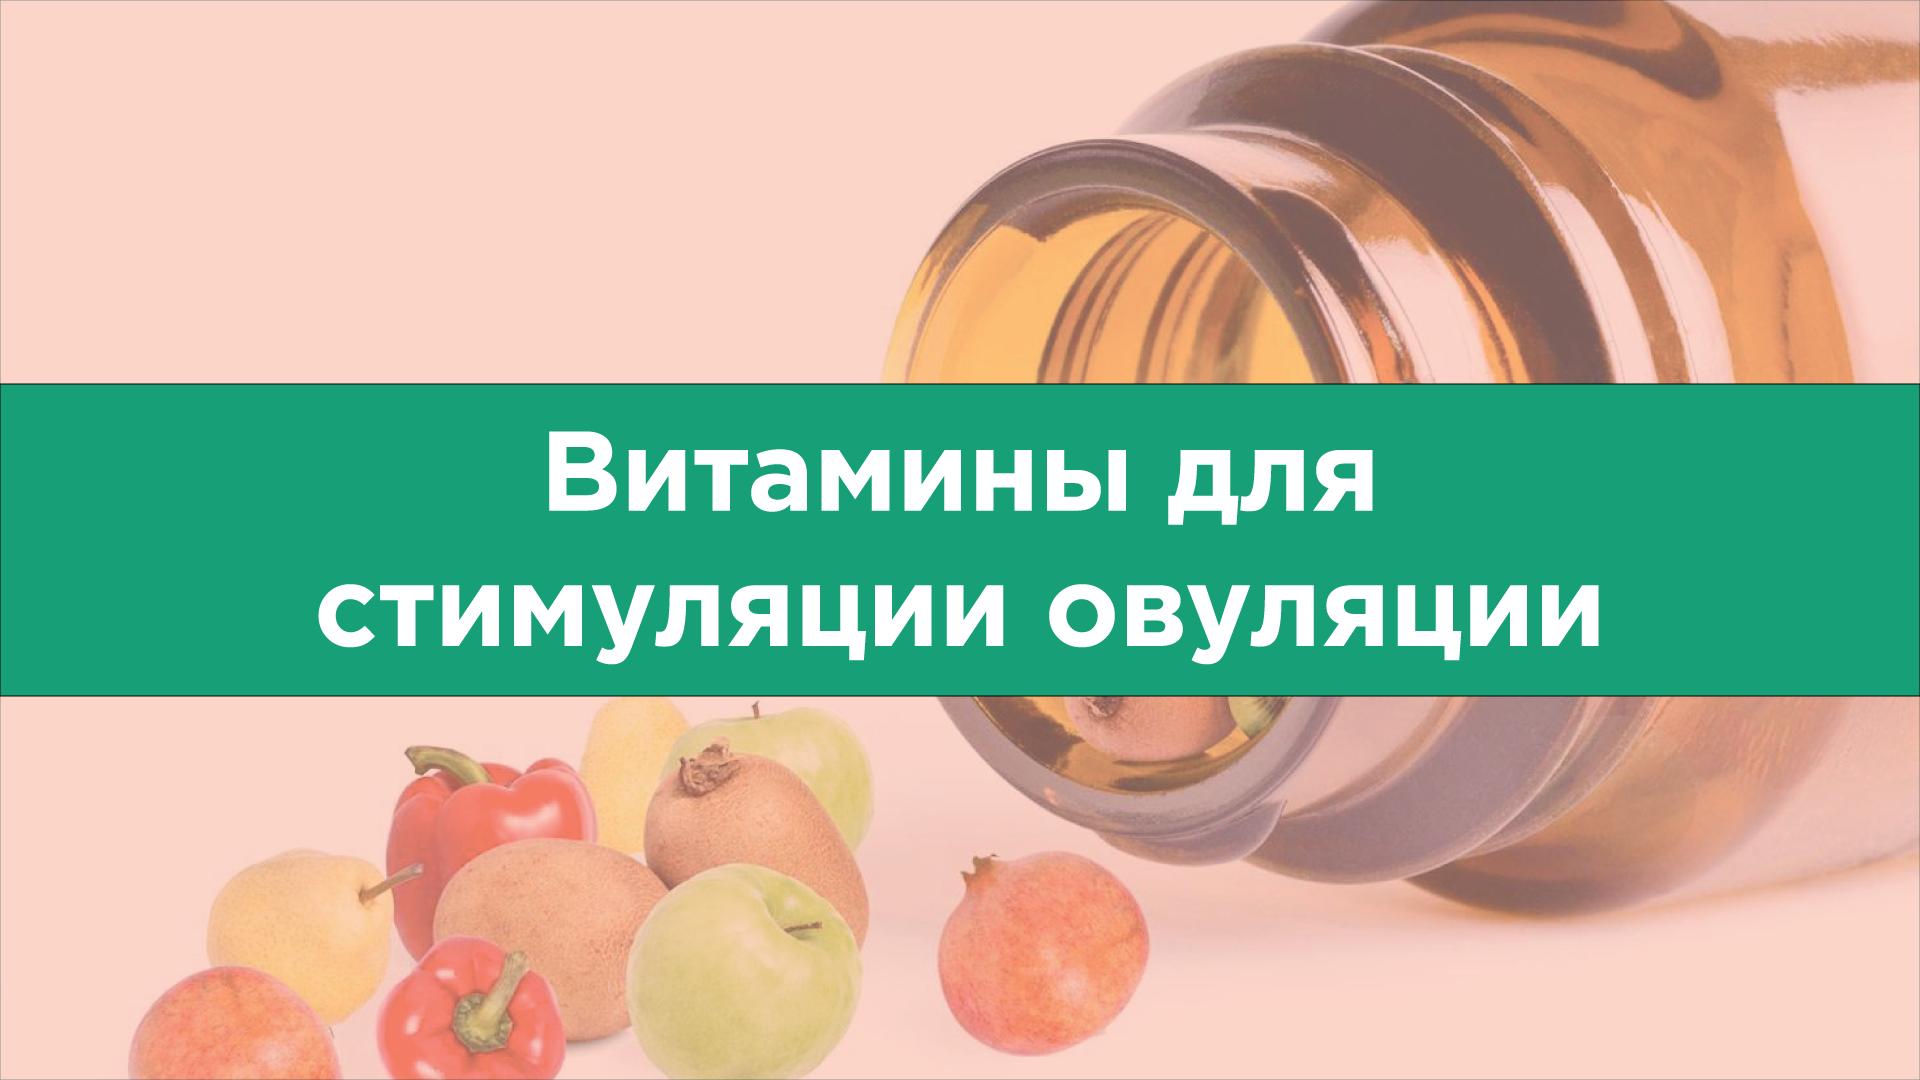 витамины для стимуляции овуляции